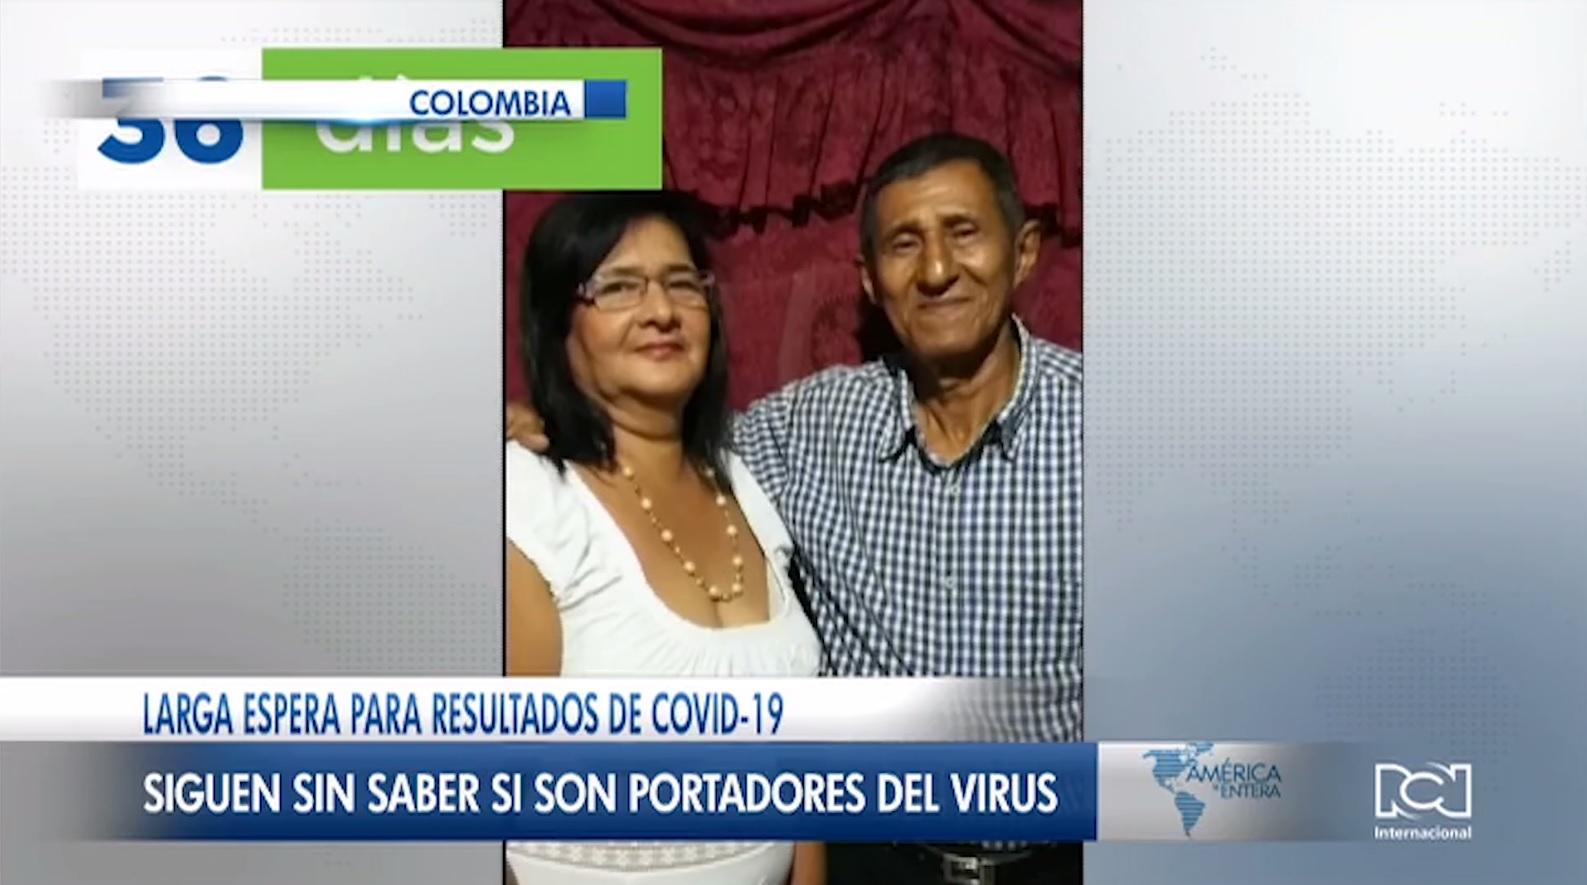 Colombiano con síntomas de coronavirus lleva 36 días esperando los resultados de la prueba Covid-19